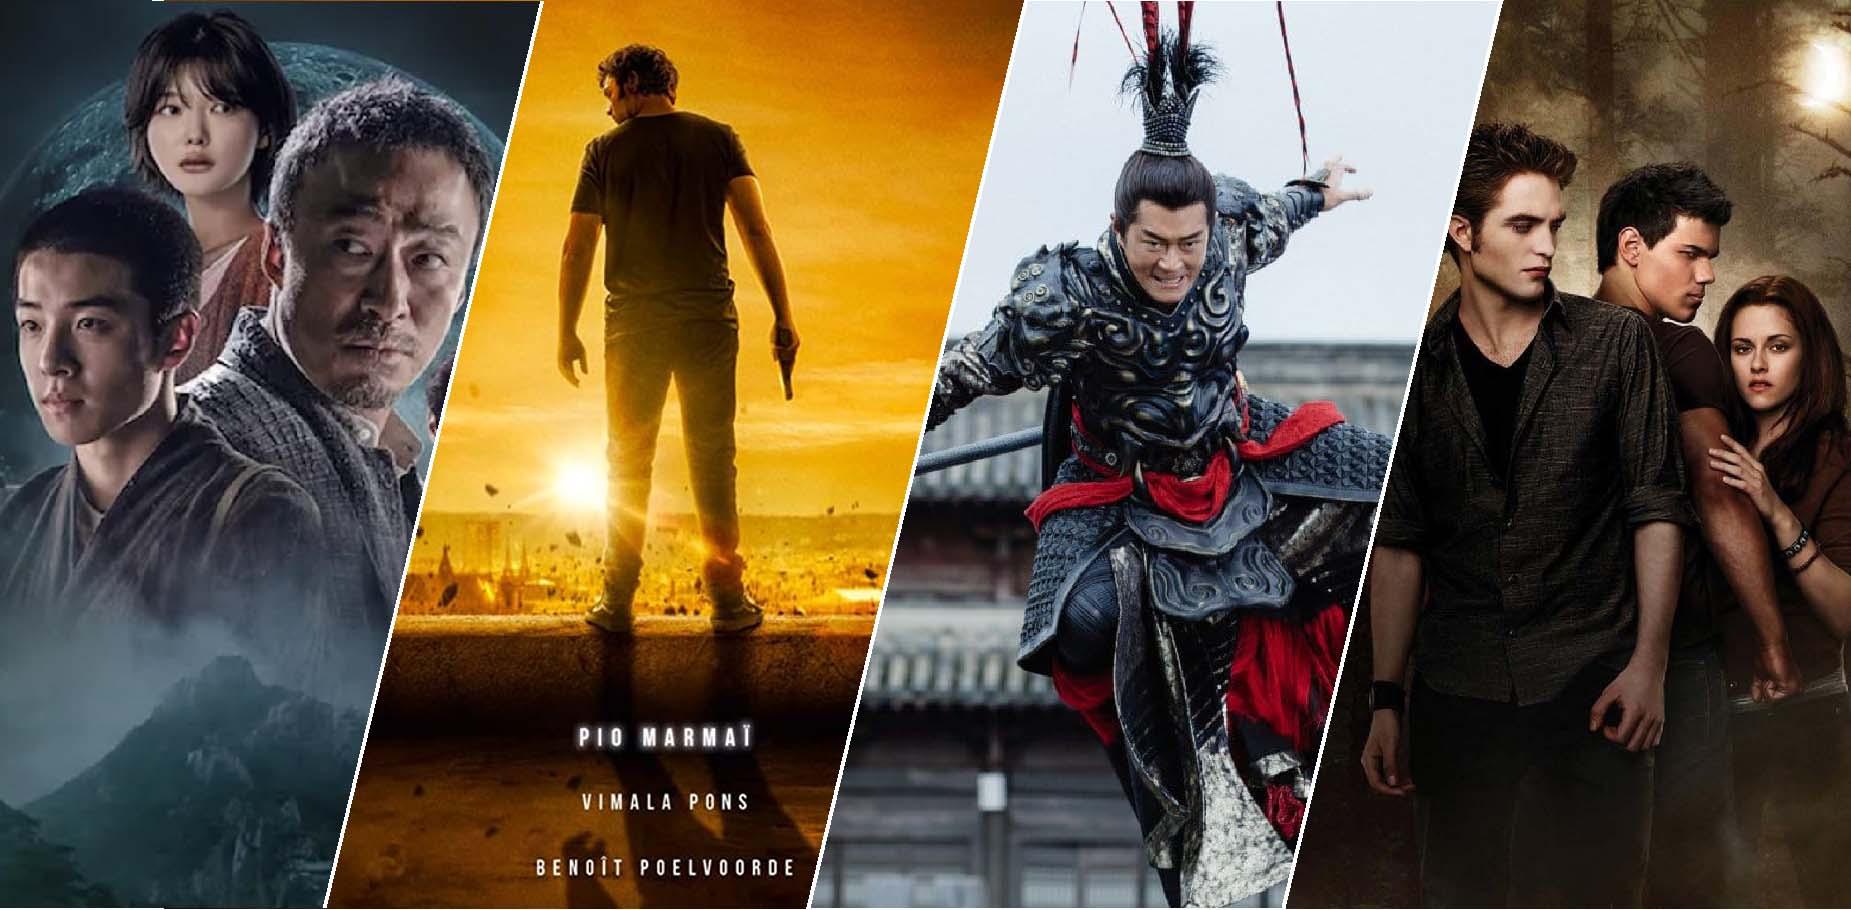 Phim hay Netflix tháng 7 này? Vùng Đất Quỷ Dữ, Đêm Thứ 8 và còn nhiều cái tên khác - 16